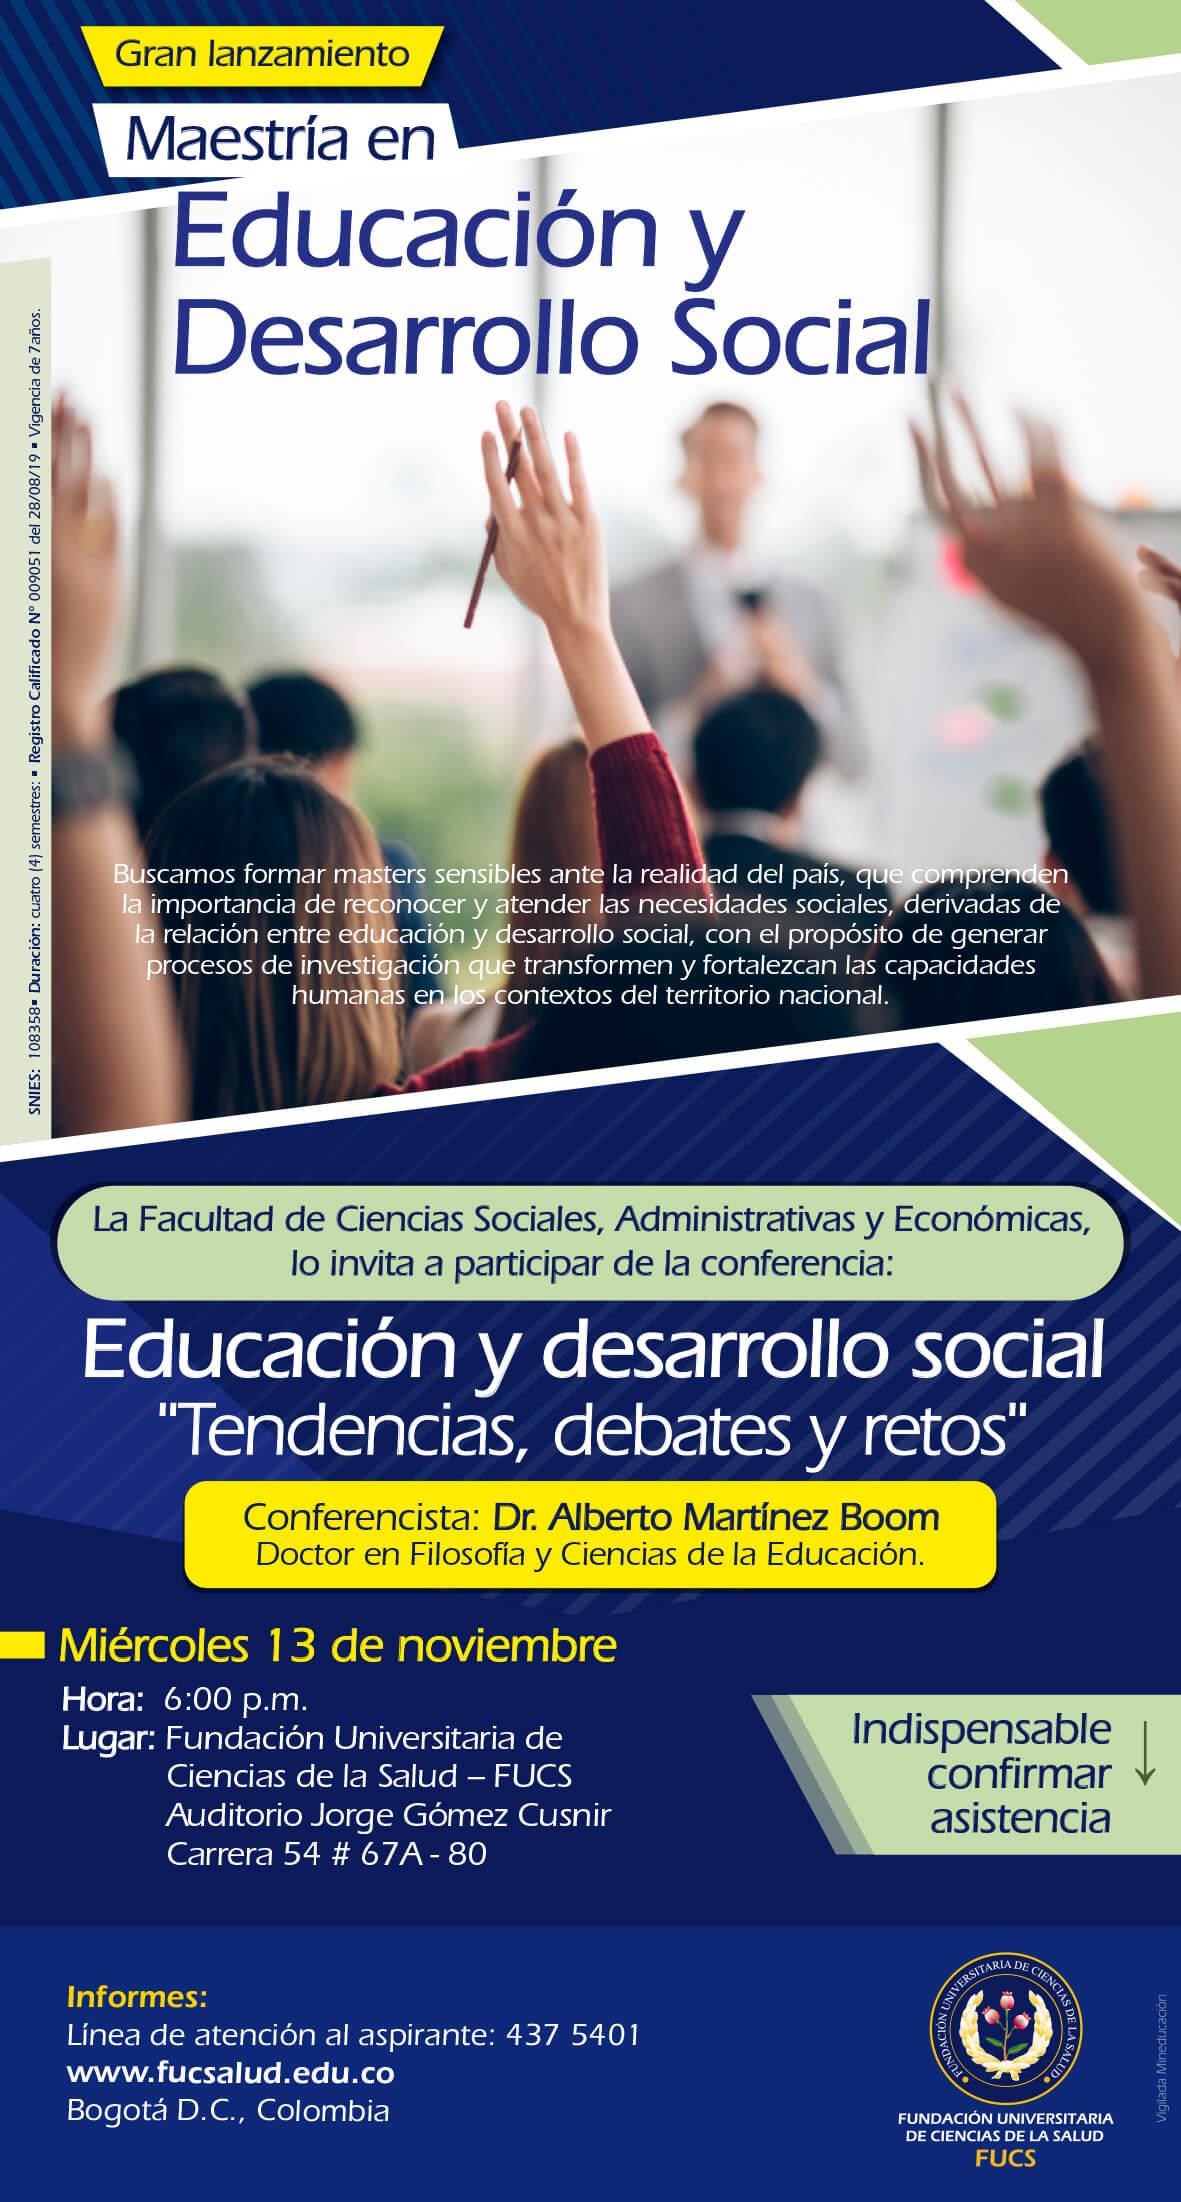 Lanzamiento Maestría en Educación y Desarrollo Social FUCS